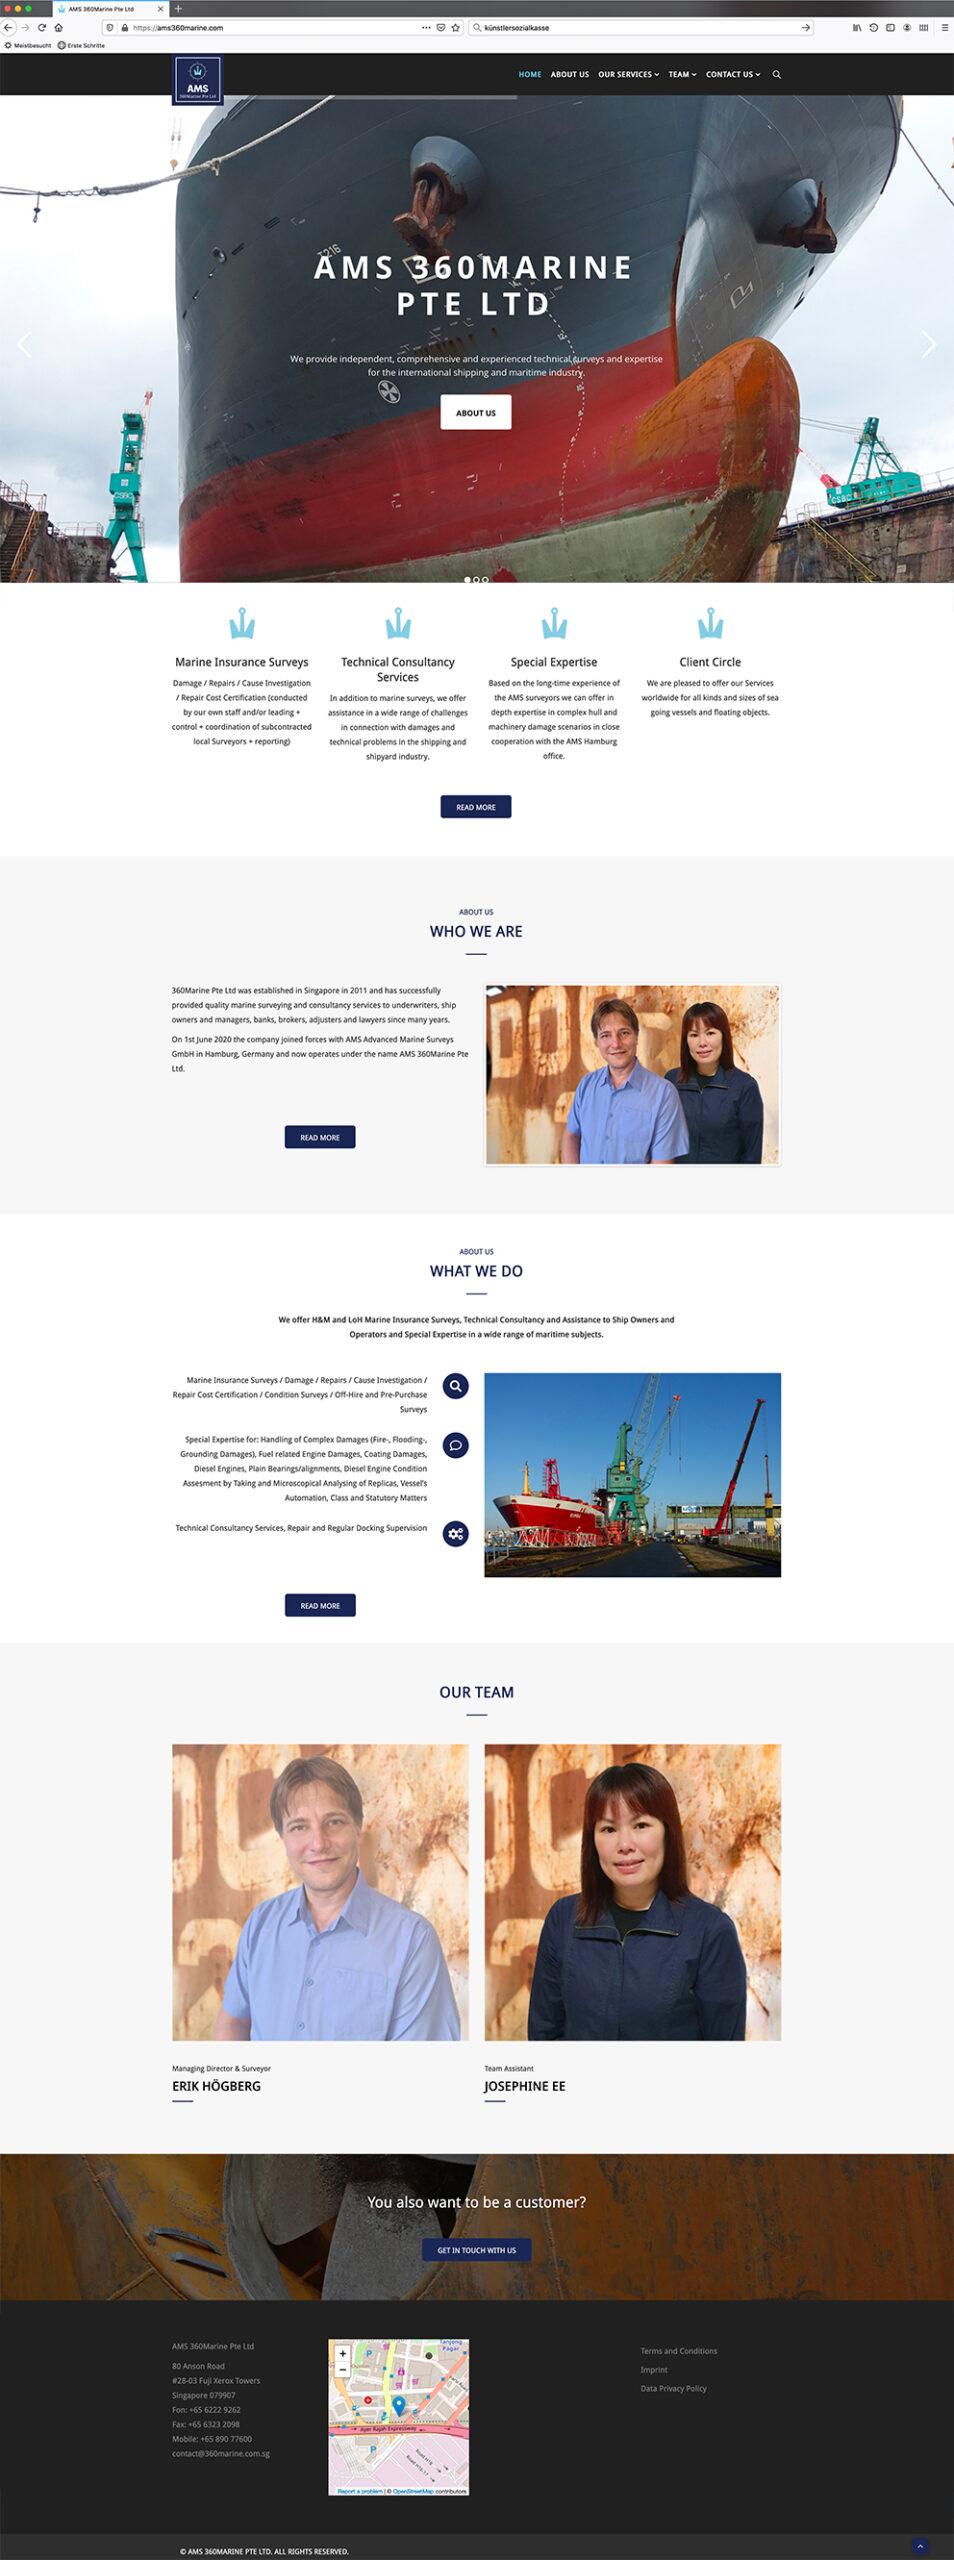 Erstellung der Website für 360Marine Pte Ltd durch Kähler & Kähler